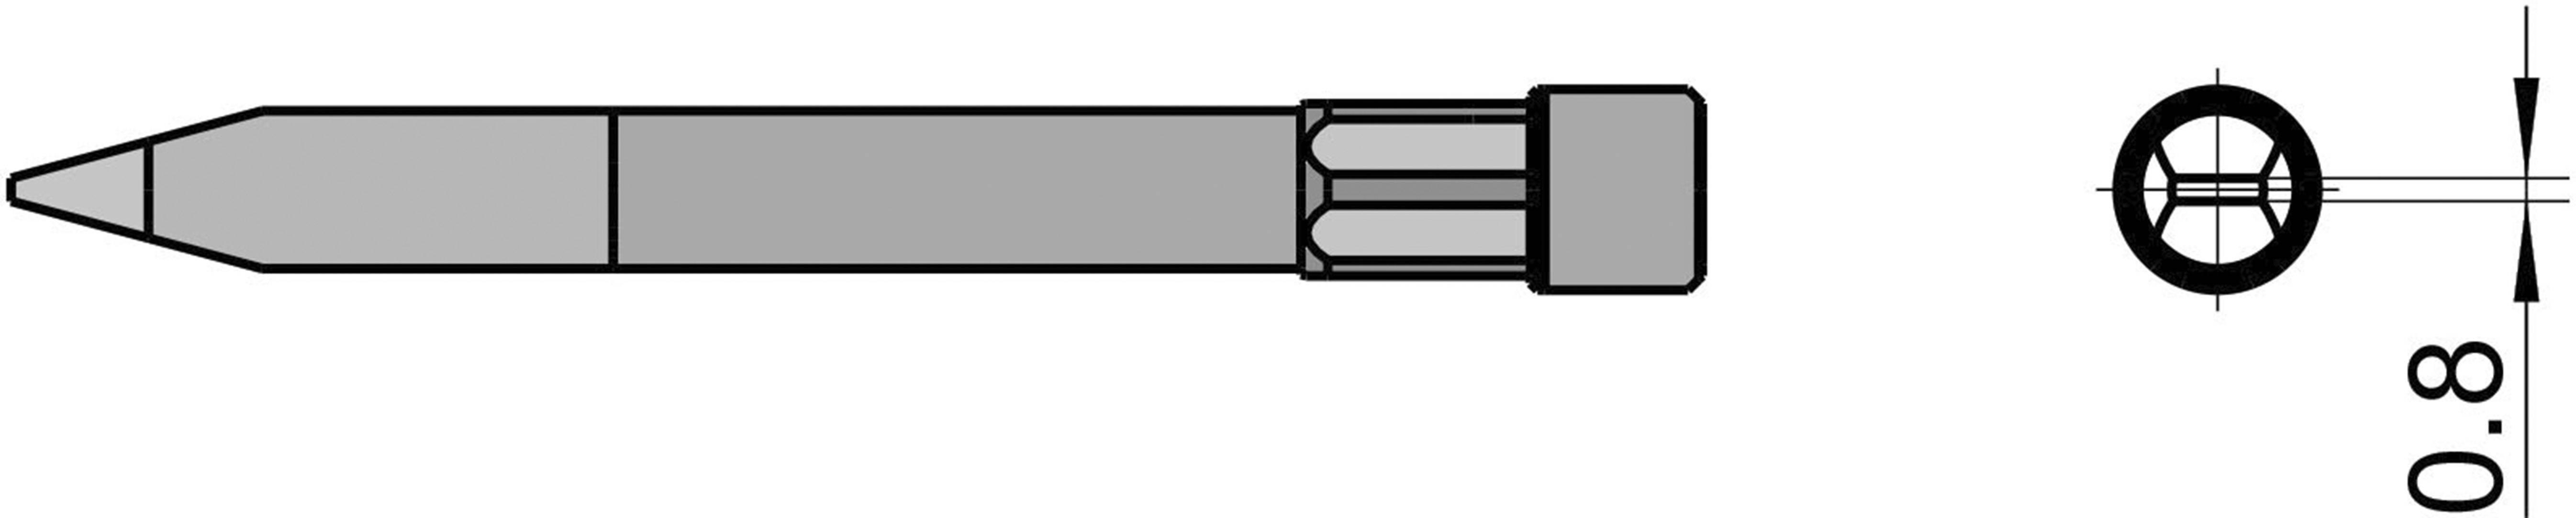 Pájecí hrot dlátový Weller Professional T0054490699, velikost hrotu 0.8 mm, délka hrotu 59 mm, 1 ks